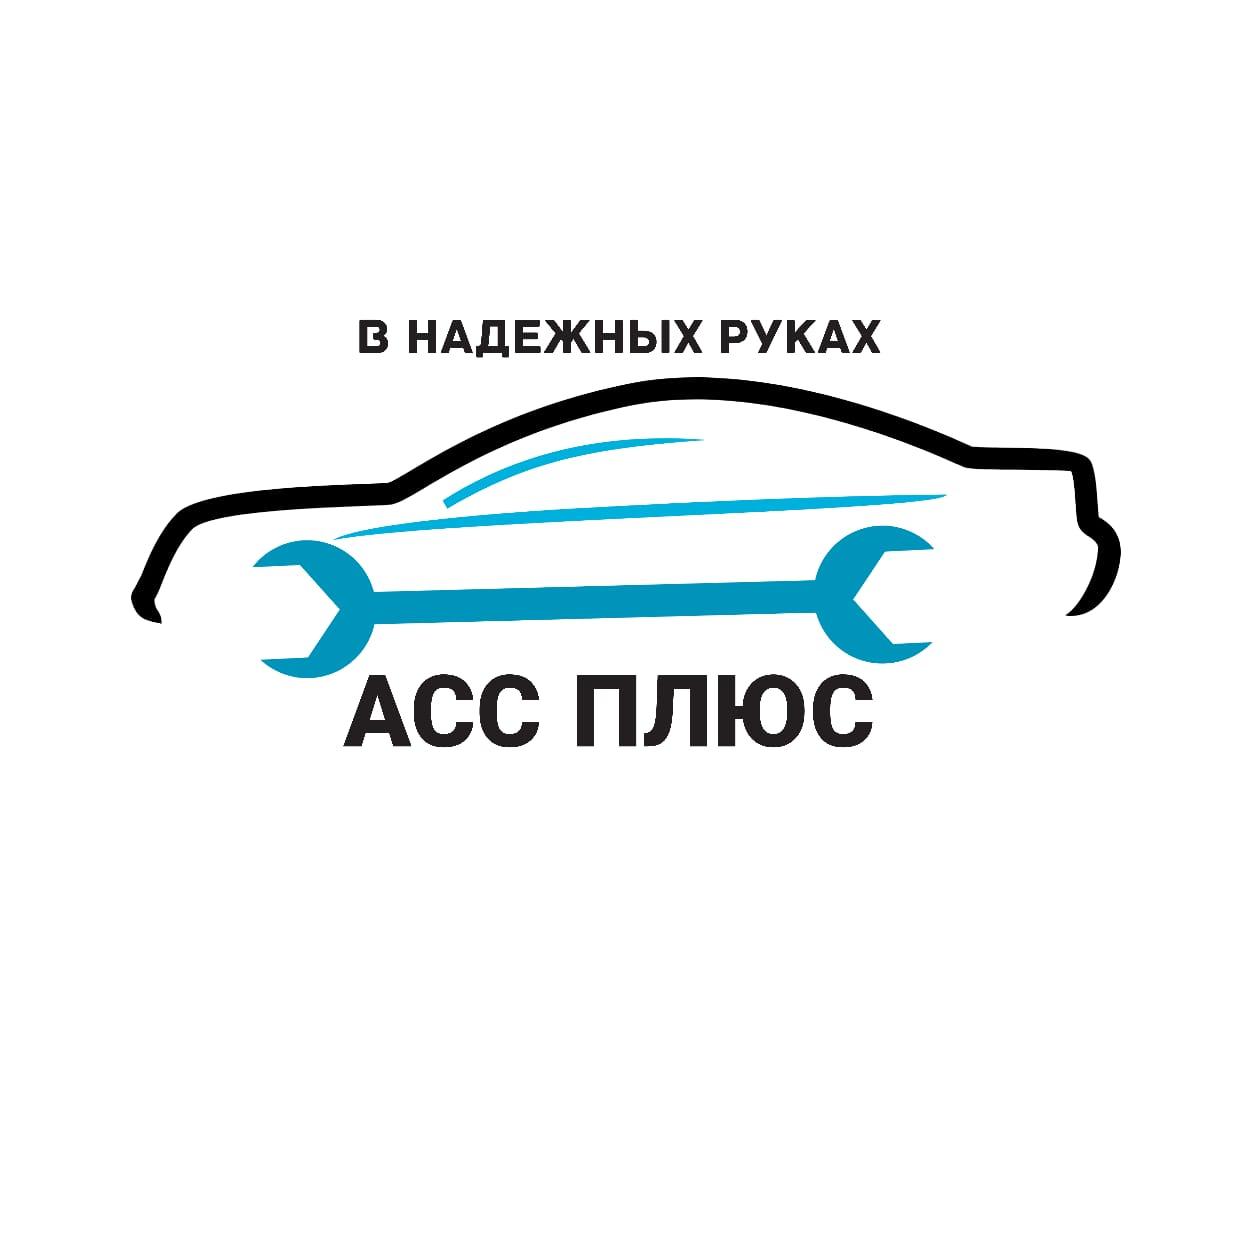 АСС ПЛЮС и Ваш автомобиль в надёжных руках!